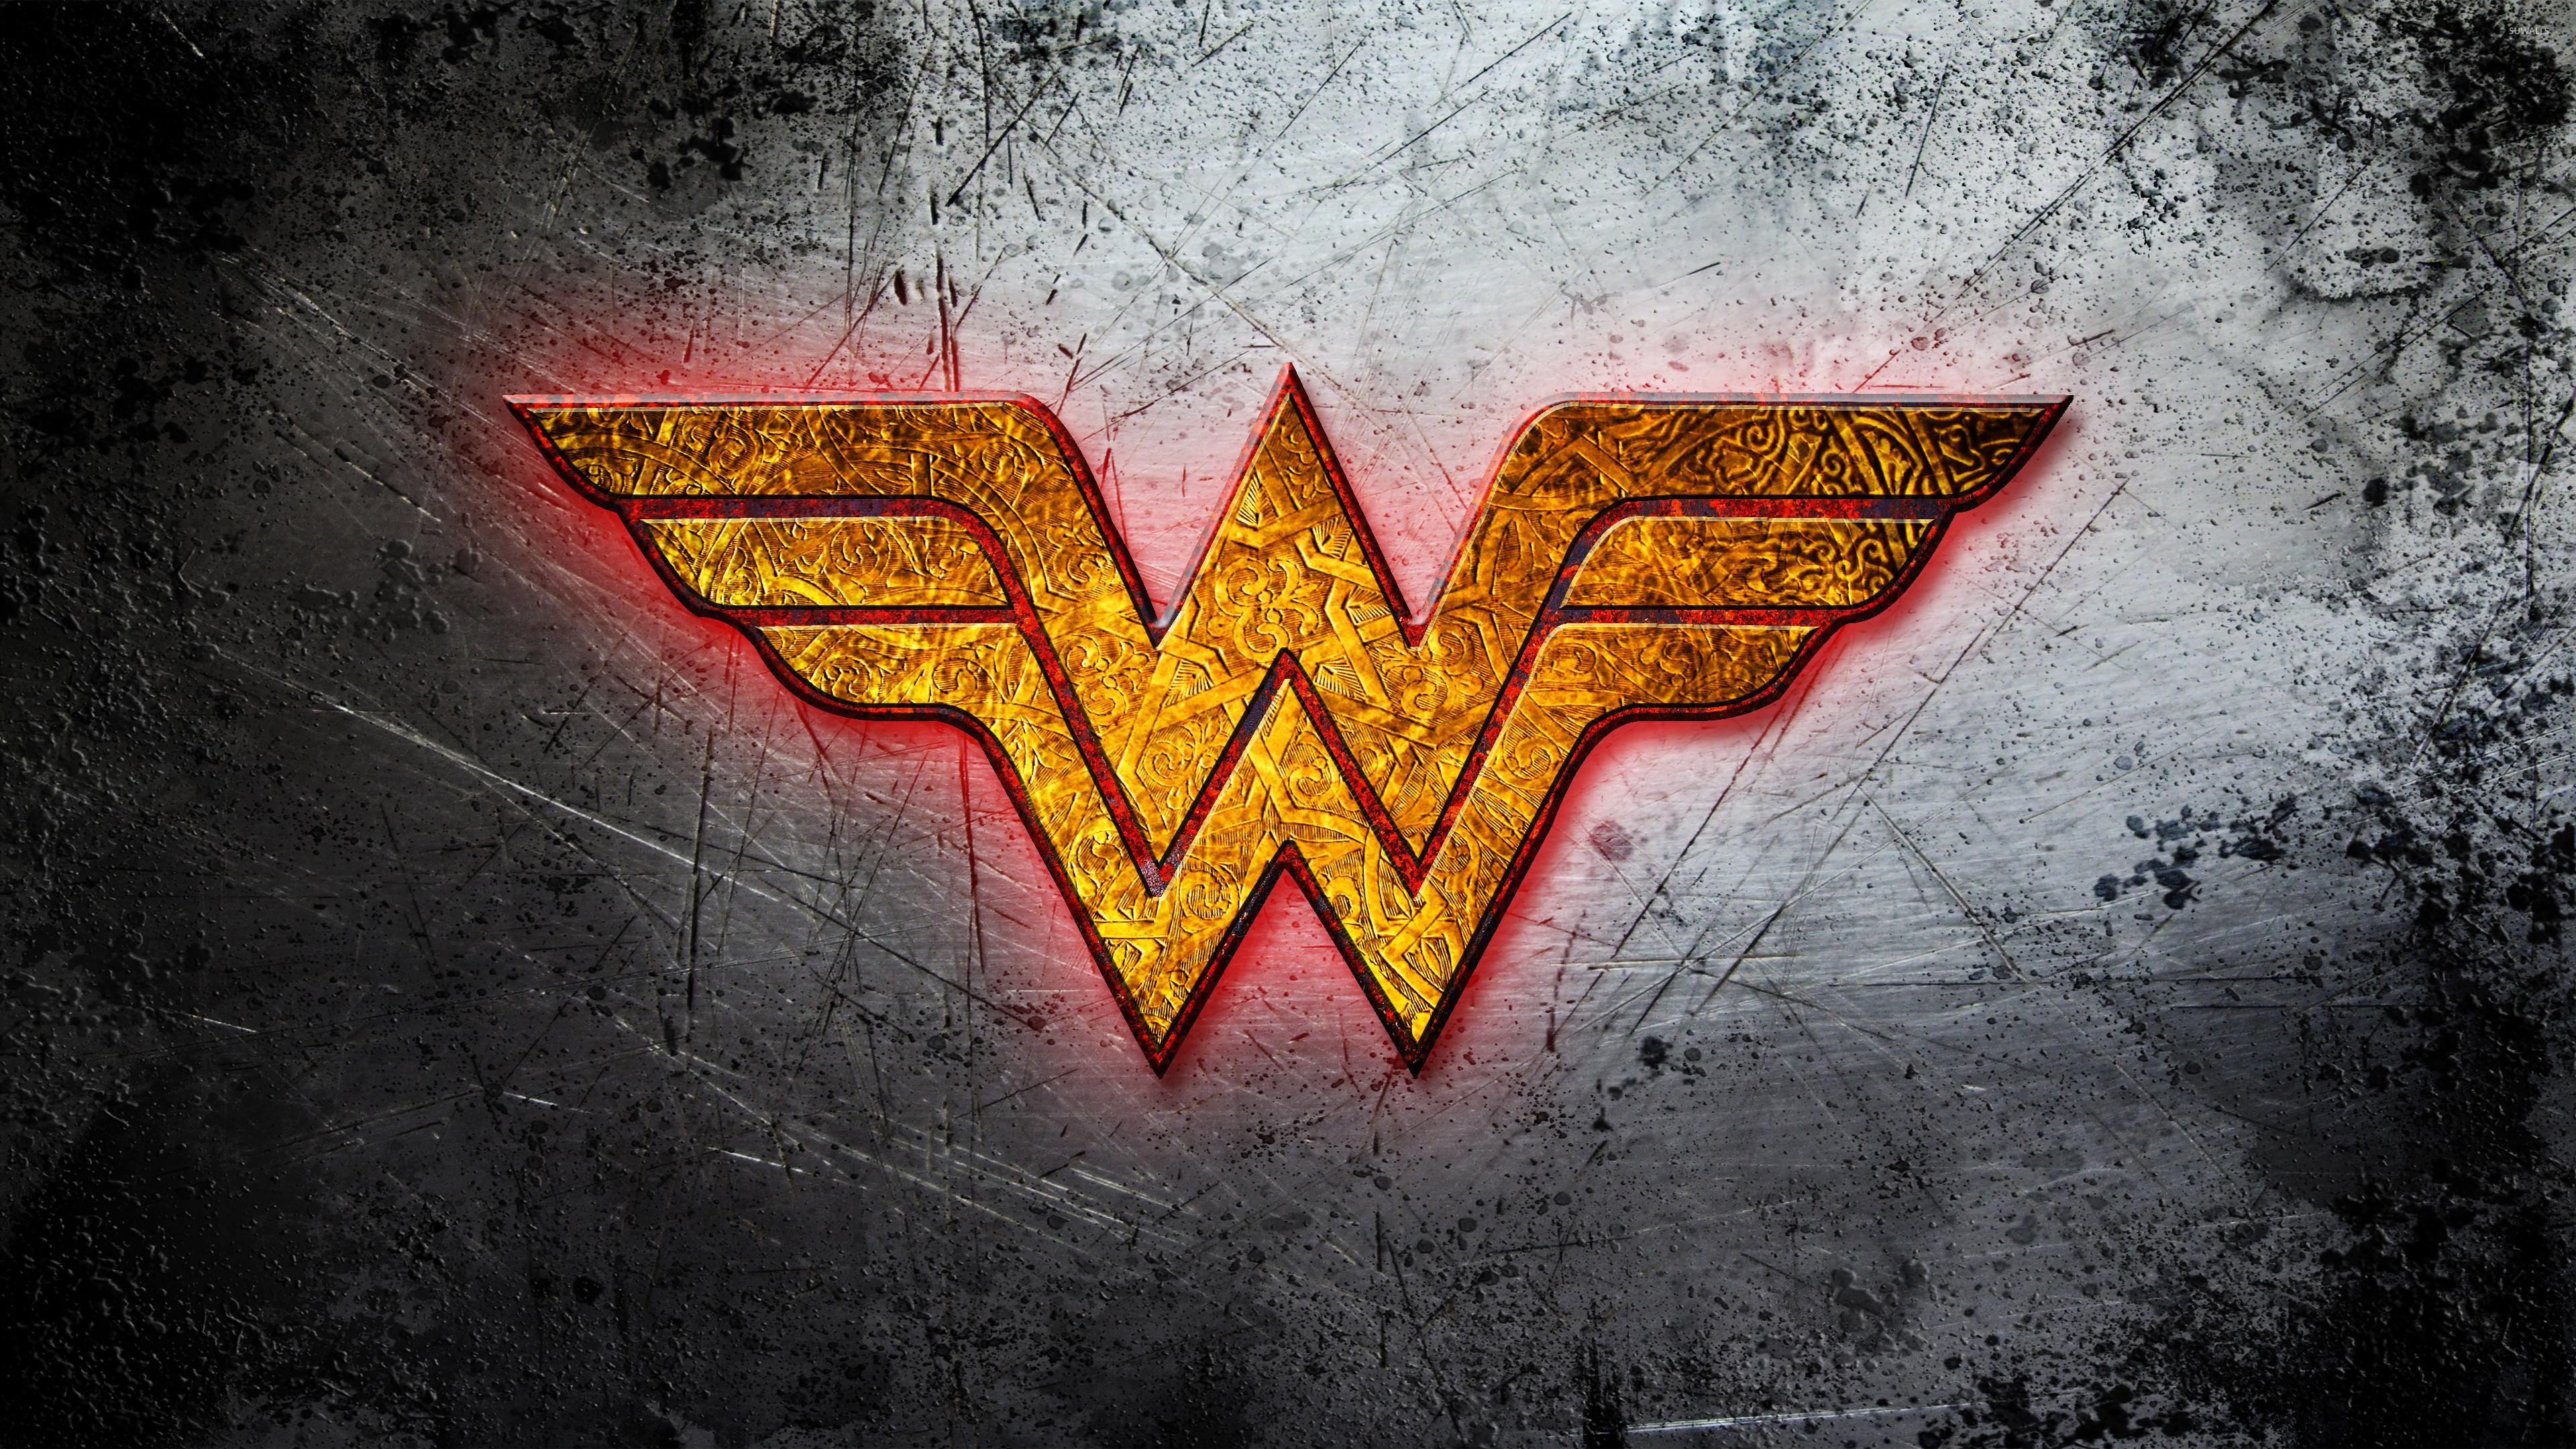 Res: 3840x2160, Wonder Woman golden logo wallpaper